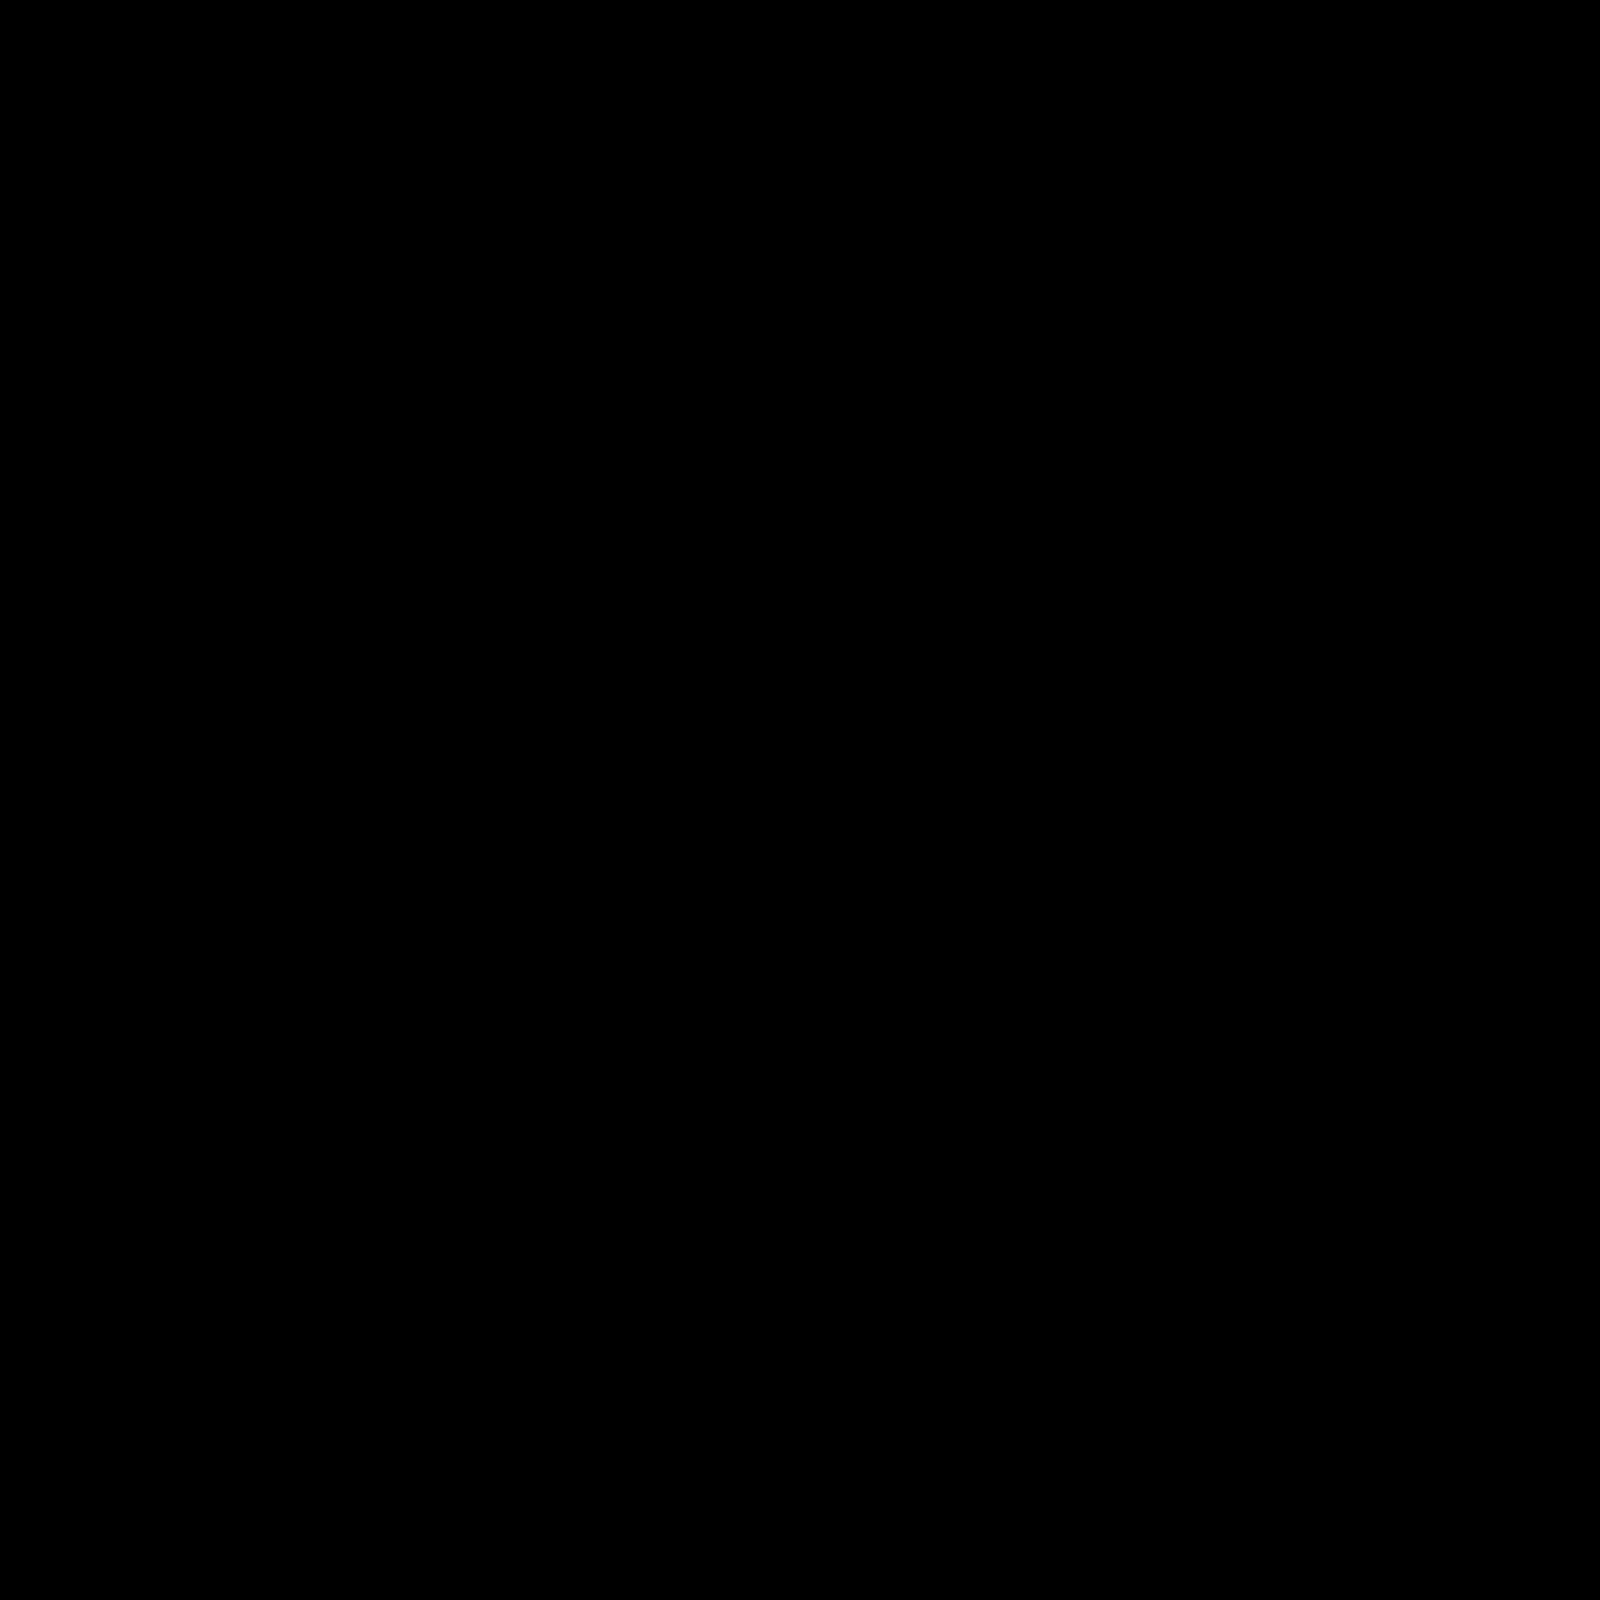 リツイート icon